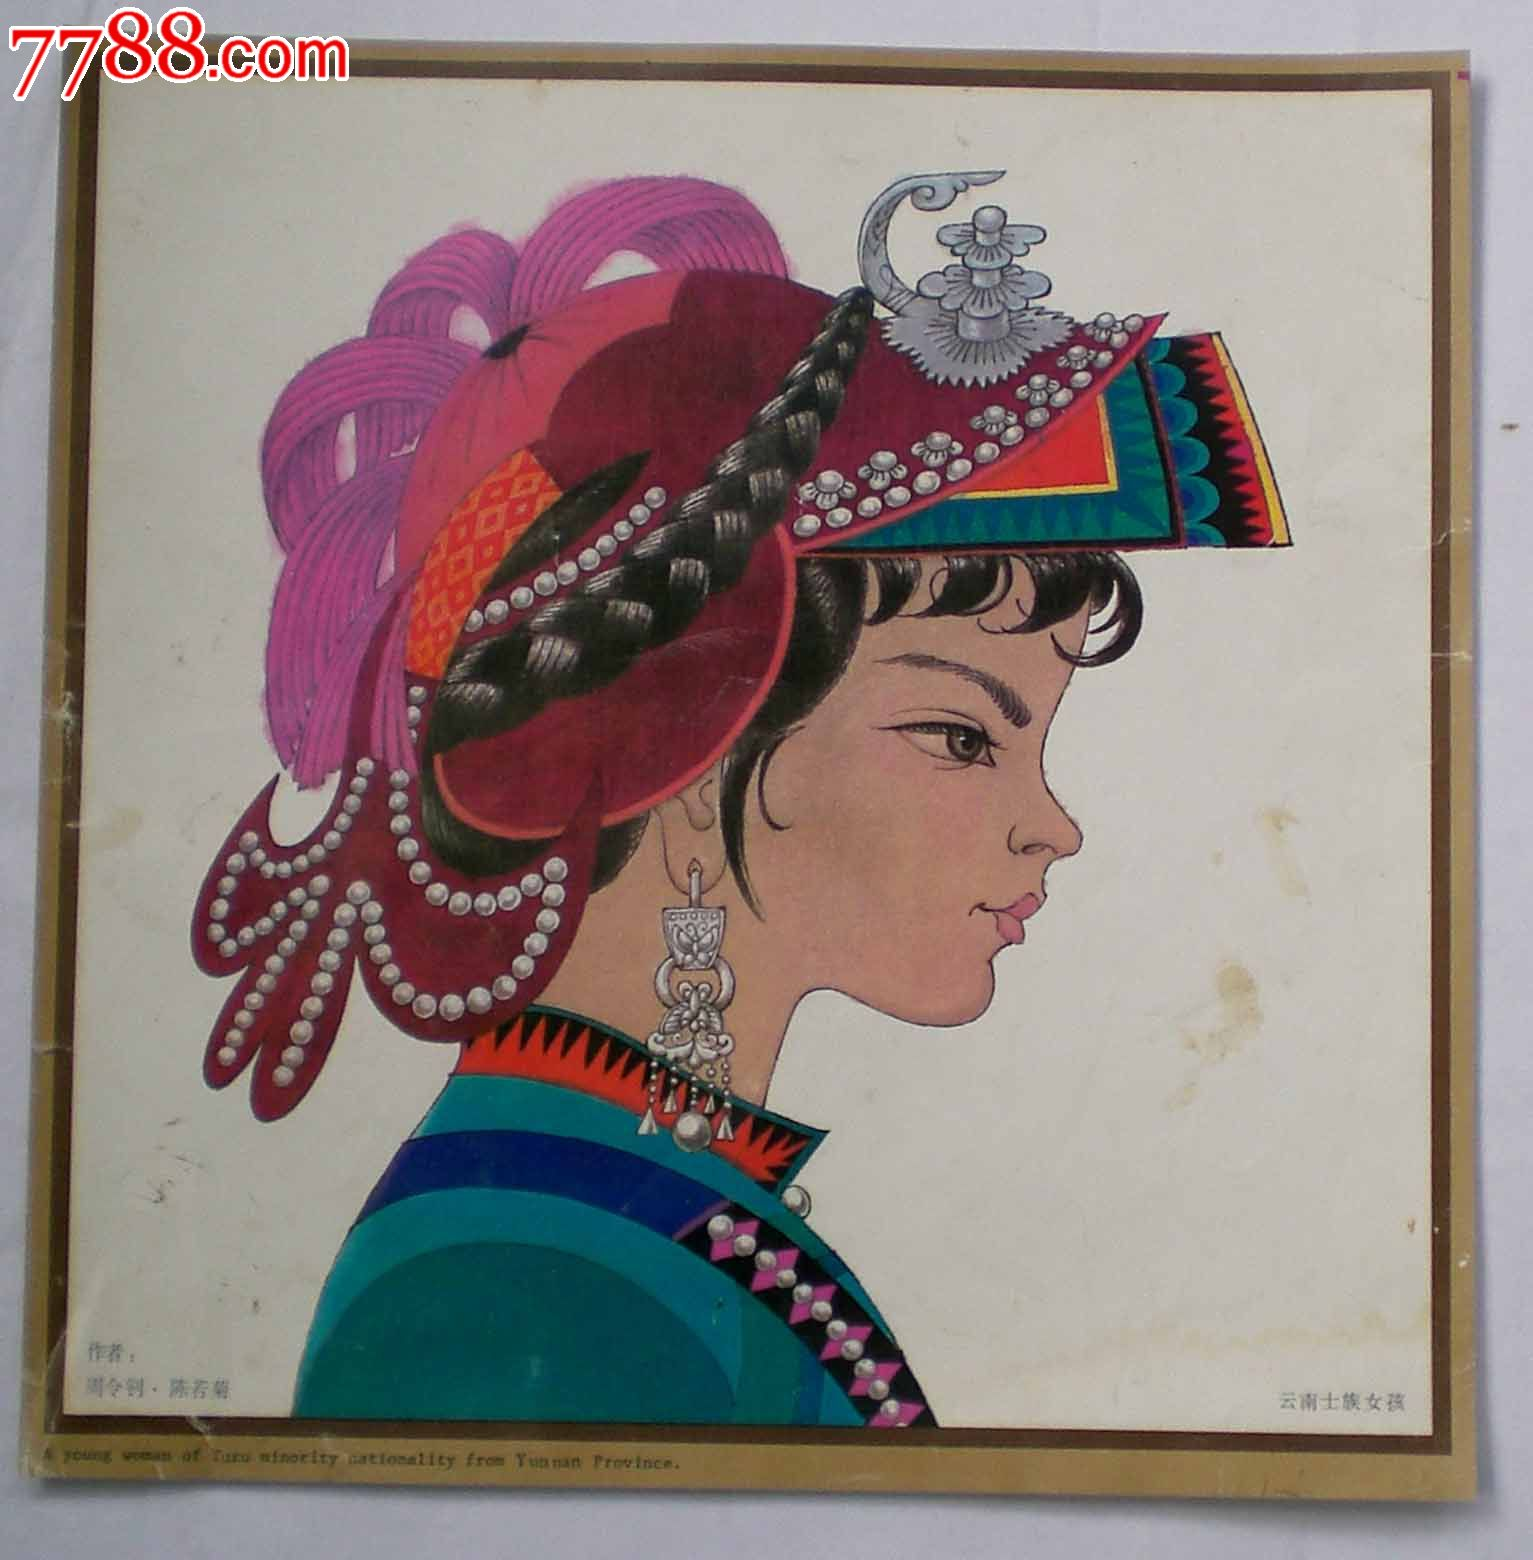 云南土族女孩---少数民族妇女头像